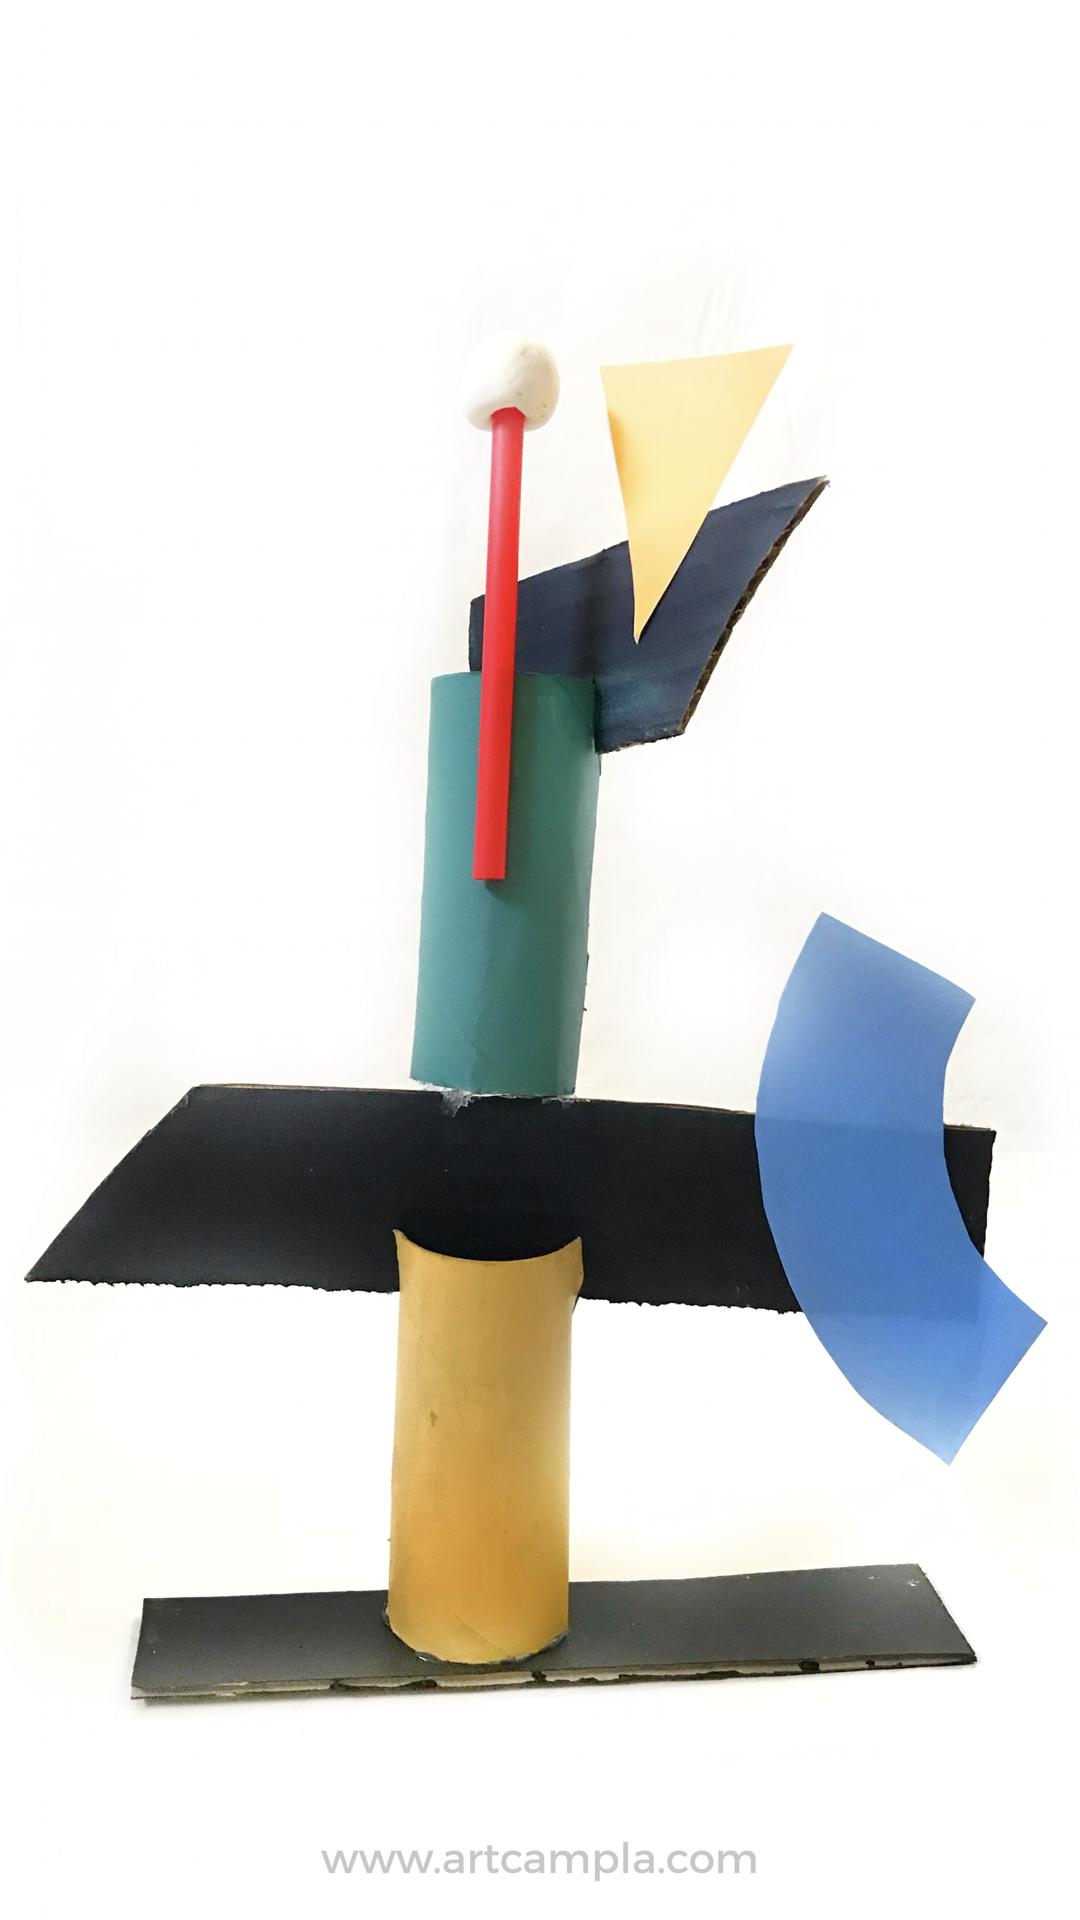 Miró Inspired Sculptures